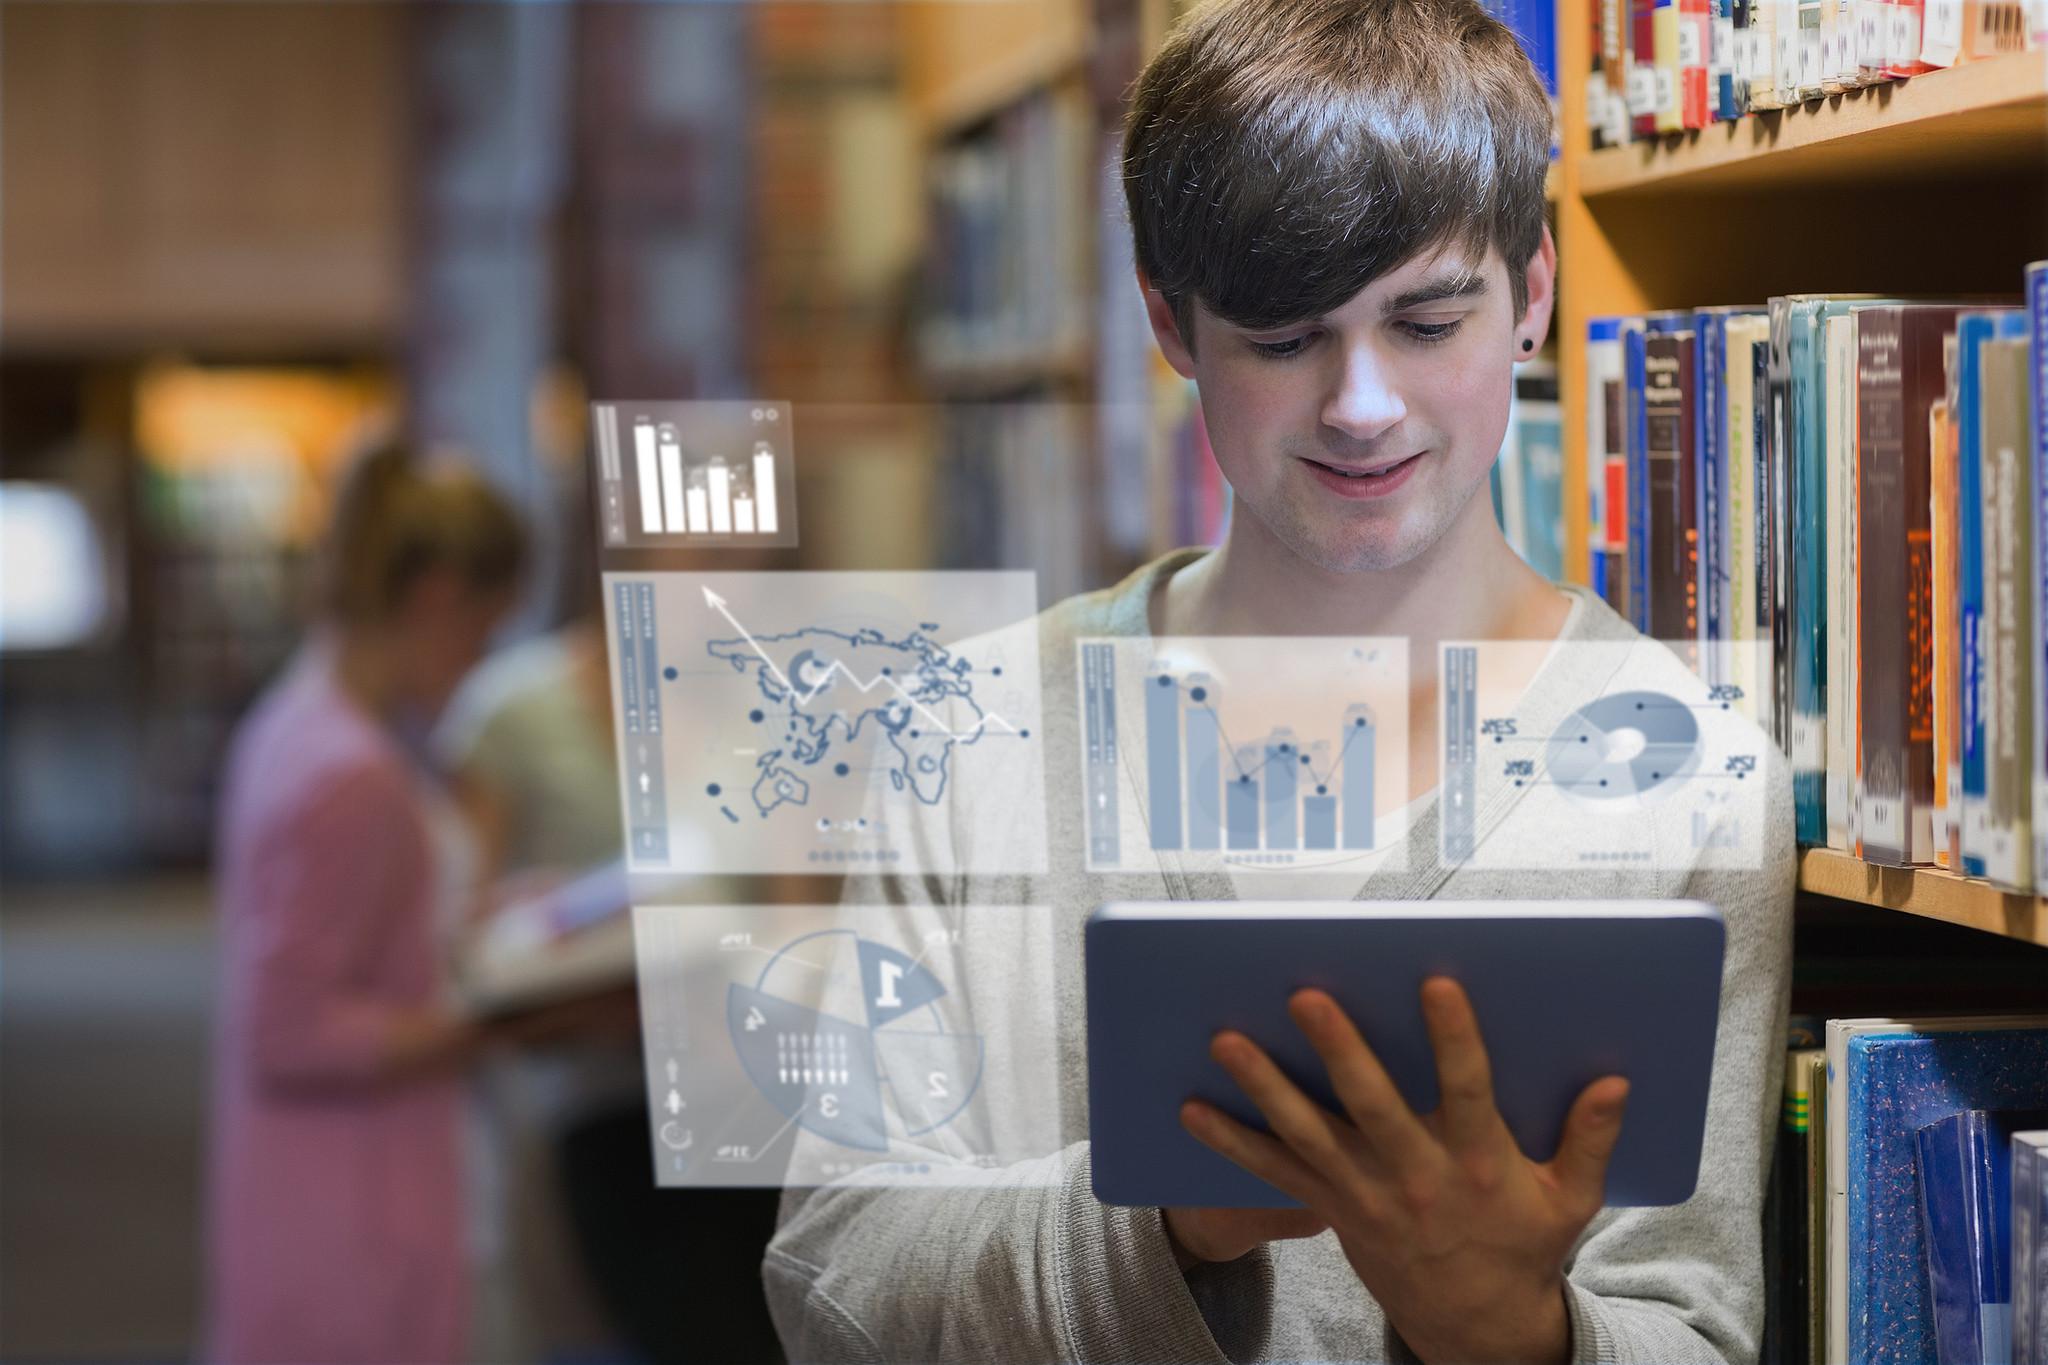 La inteligencia artificial tiene un nuevo objetivo: cambiar la educación - IA Huawei - Xataka